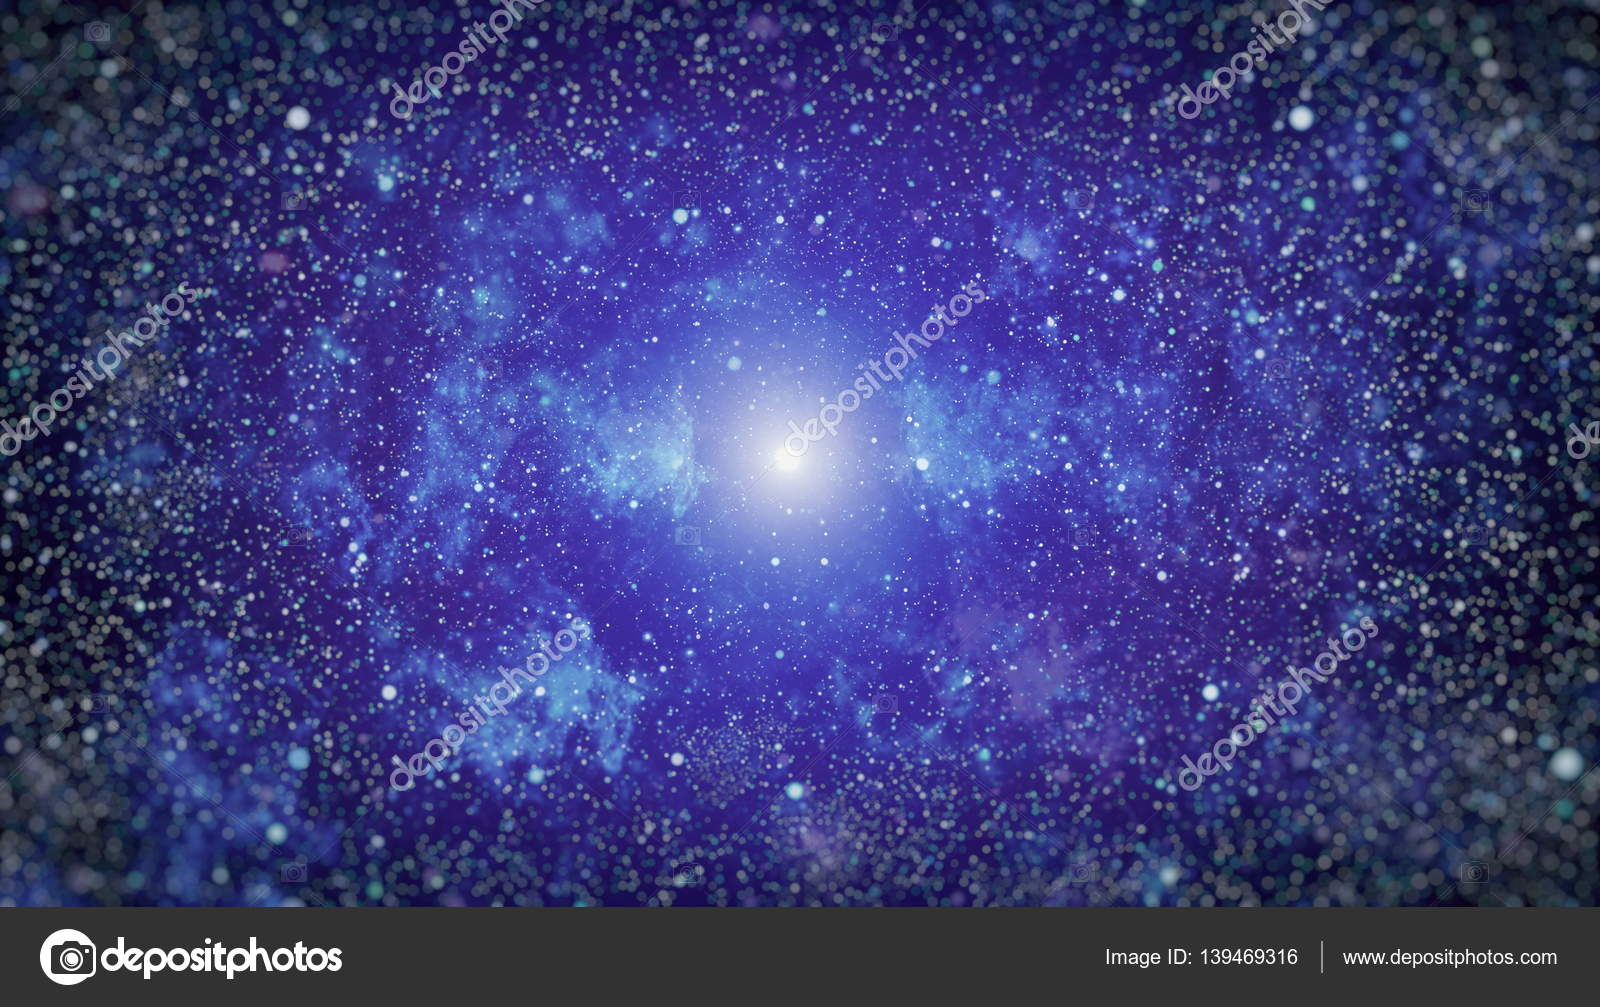 Derin Uzay Yüksek çözünürlüklü Yıldız Alanı Arka Plan Yıldızlı